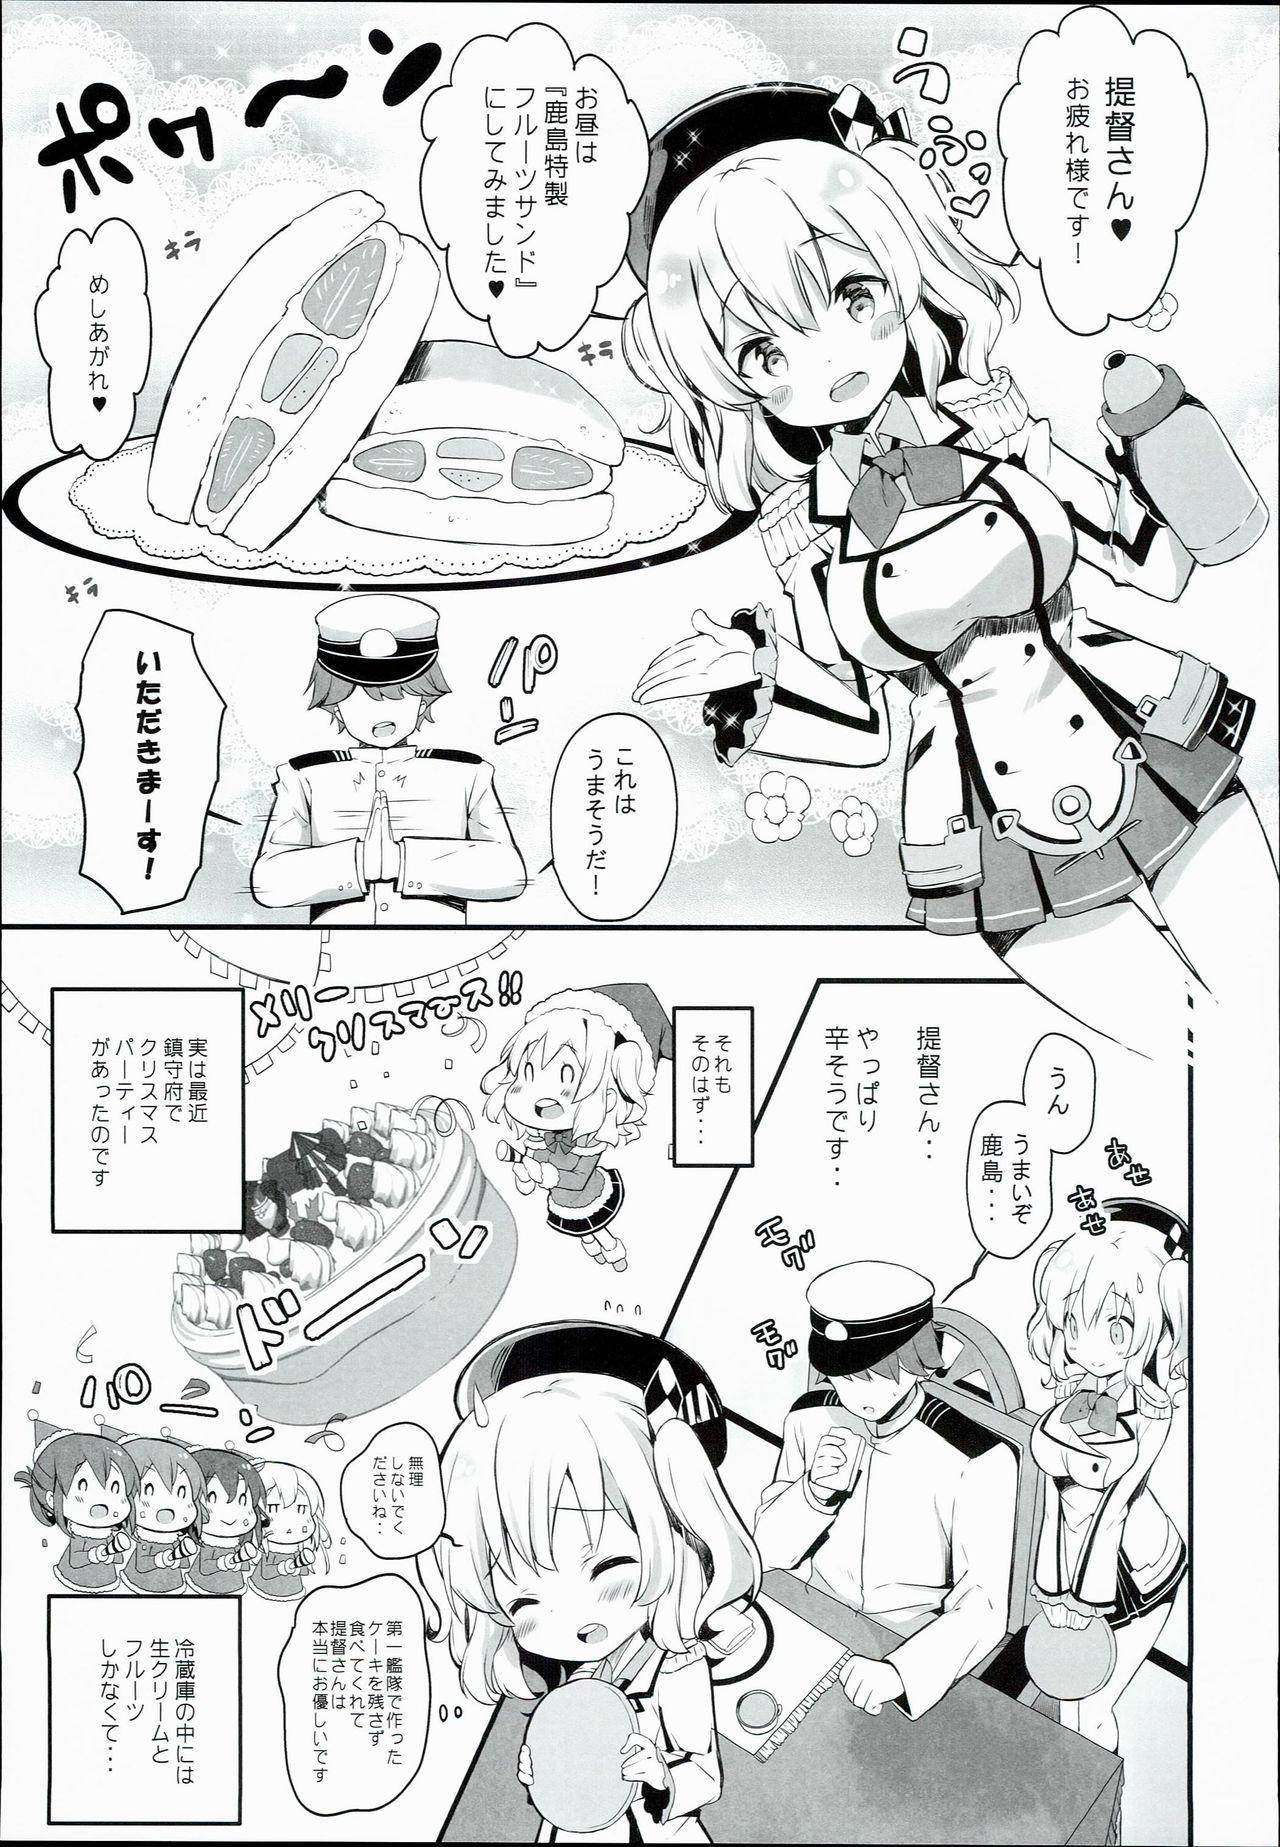 Kashima Tokusei Fruit Sandwich Meshiagare 4